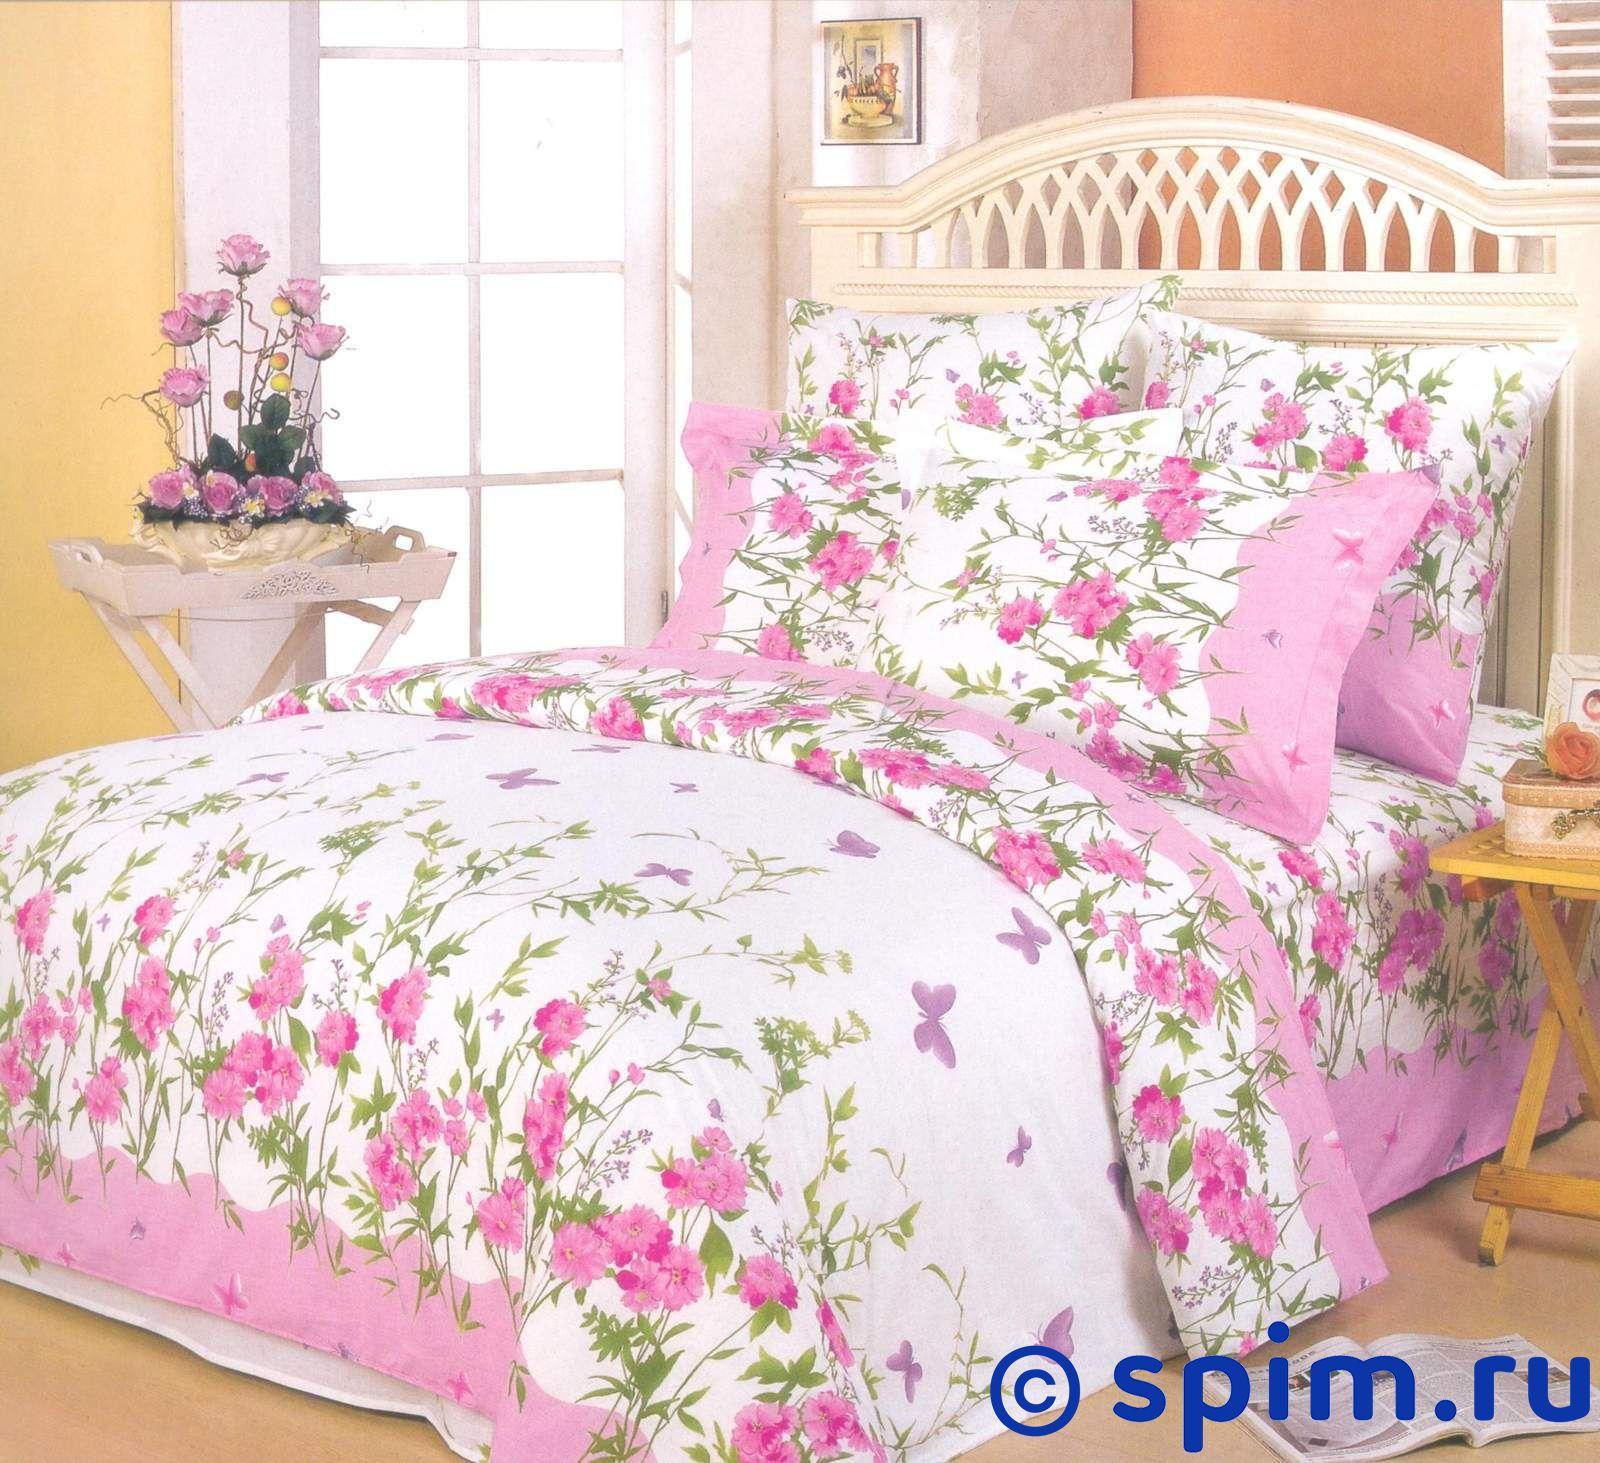 Комплект СайлиД А63/2 1.5 спальное